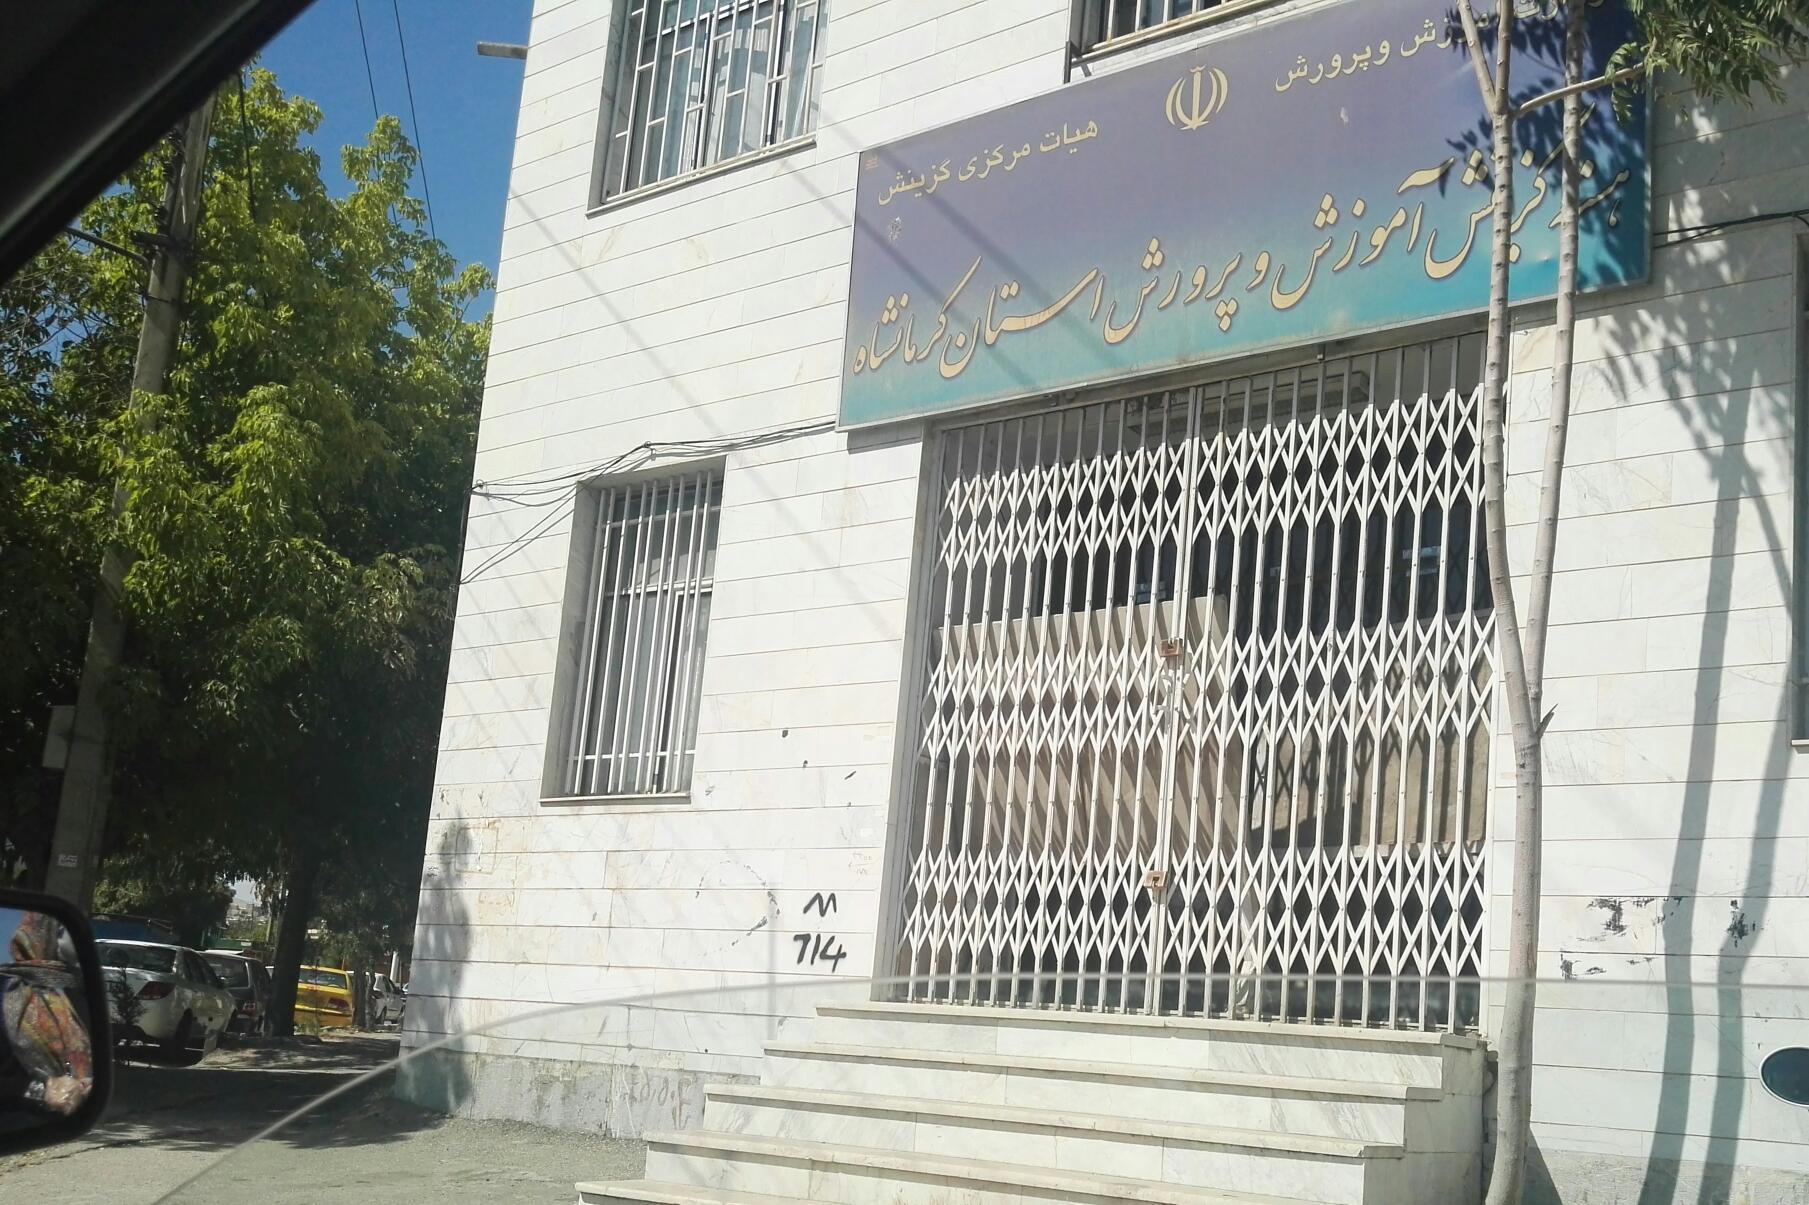 هسته گزینش آموزش و پرورش کرمانشاه